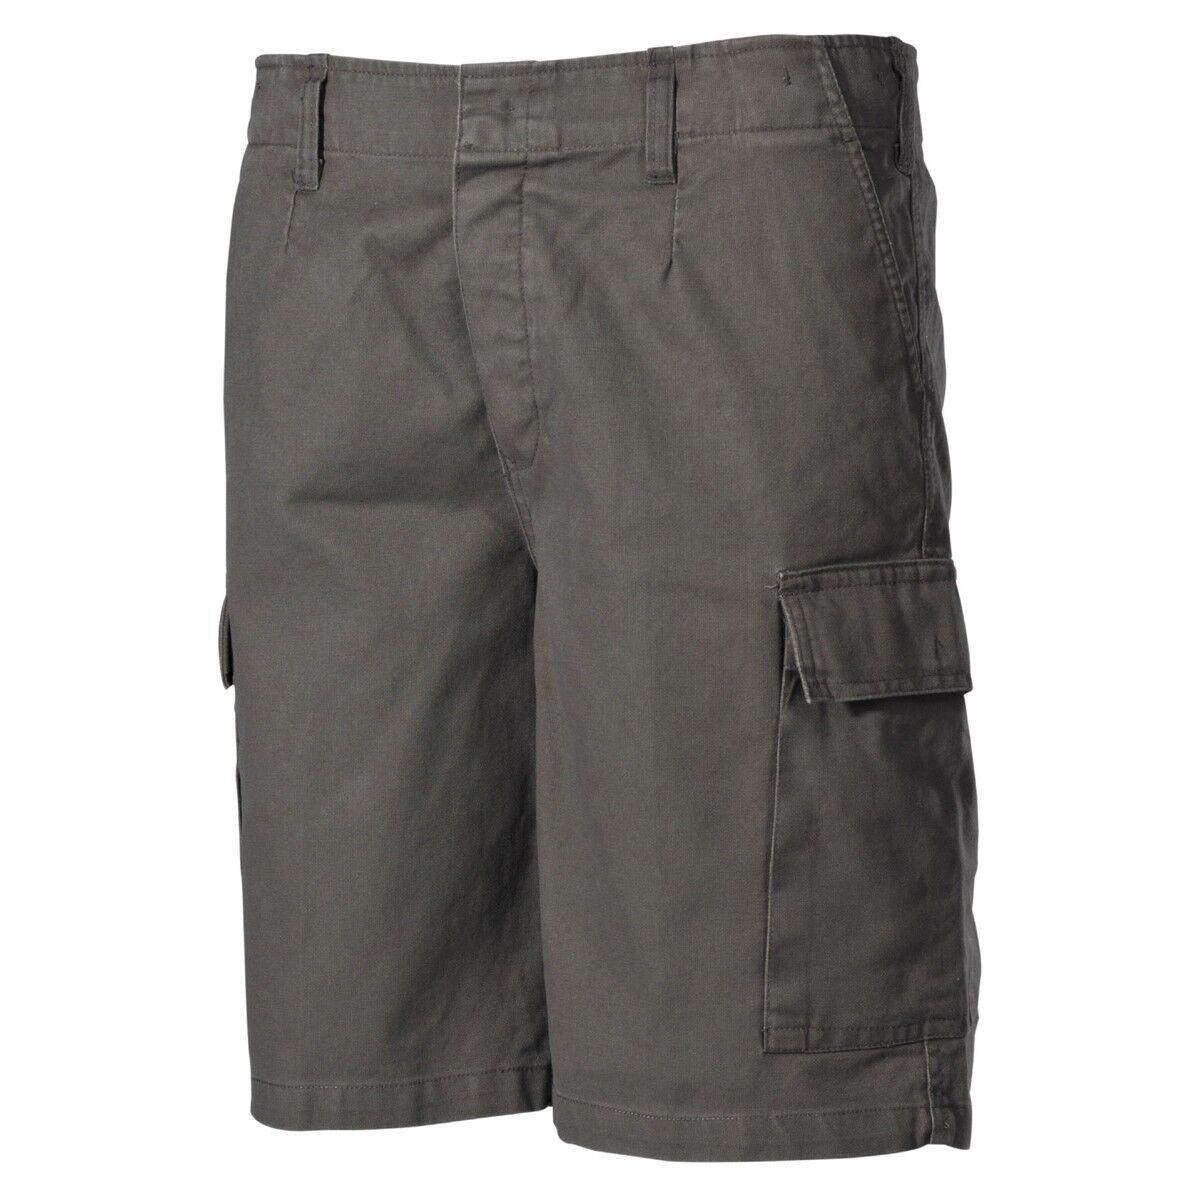 Bw Moleskin Bermuda Outdoor Leisure Shorts short Olive Stonewashed XL Xlarge